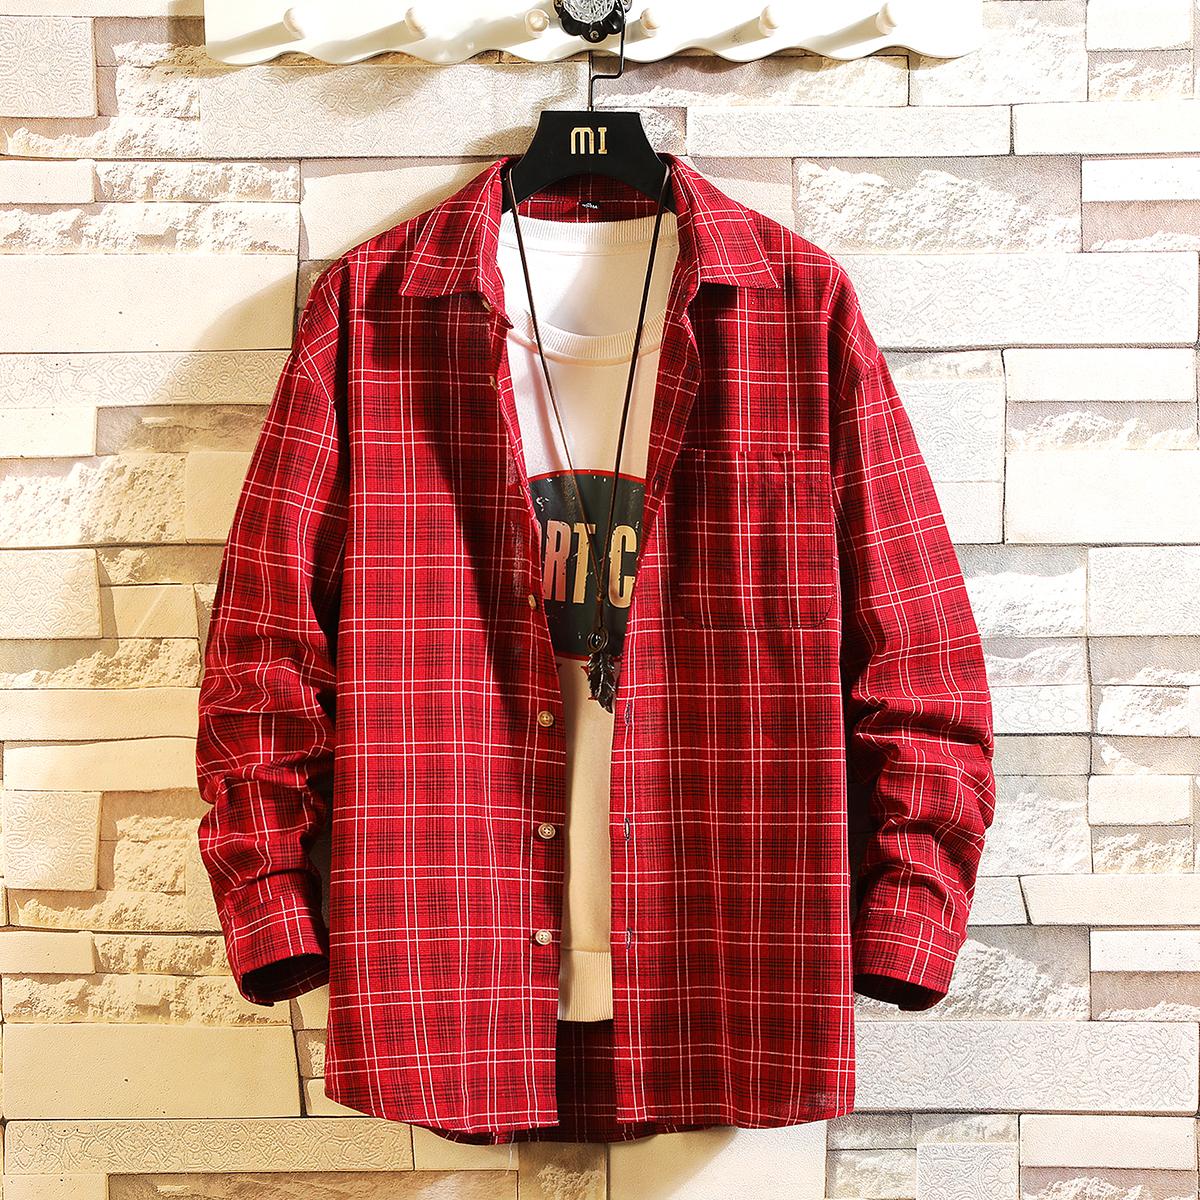 秋季新款格子衬衫男士长袖宽松潮流情侣衬衣大码日系外套C709-P35